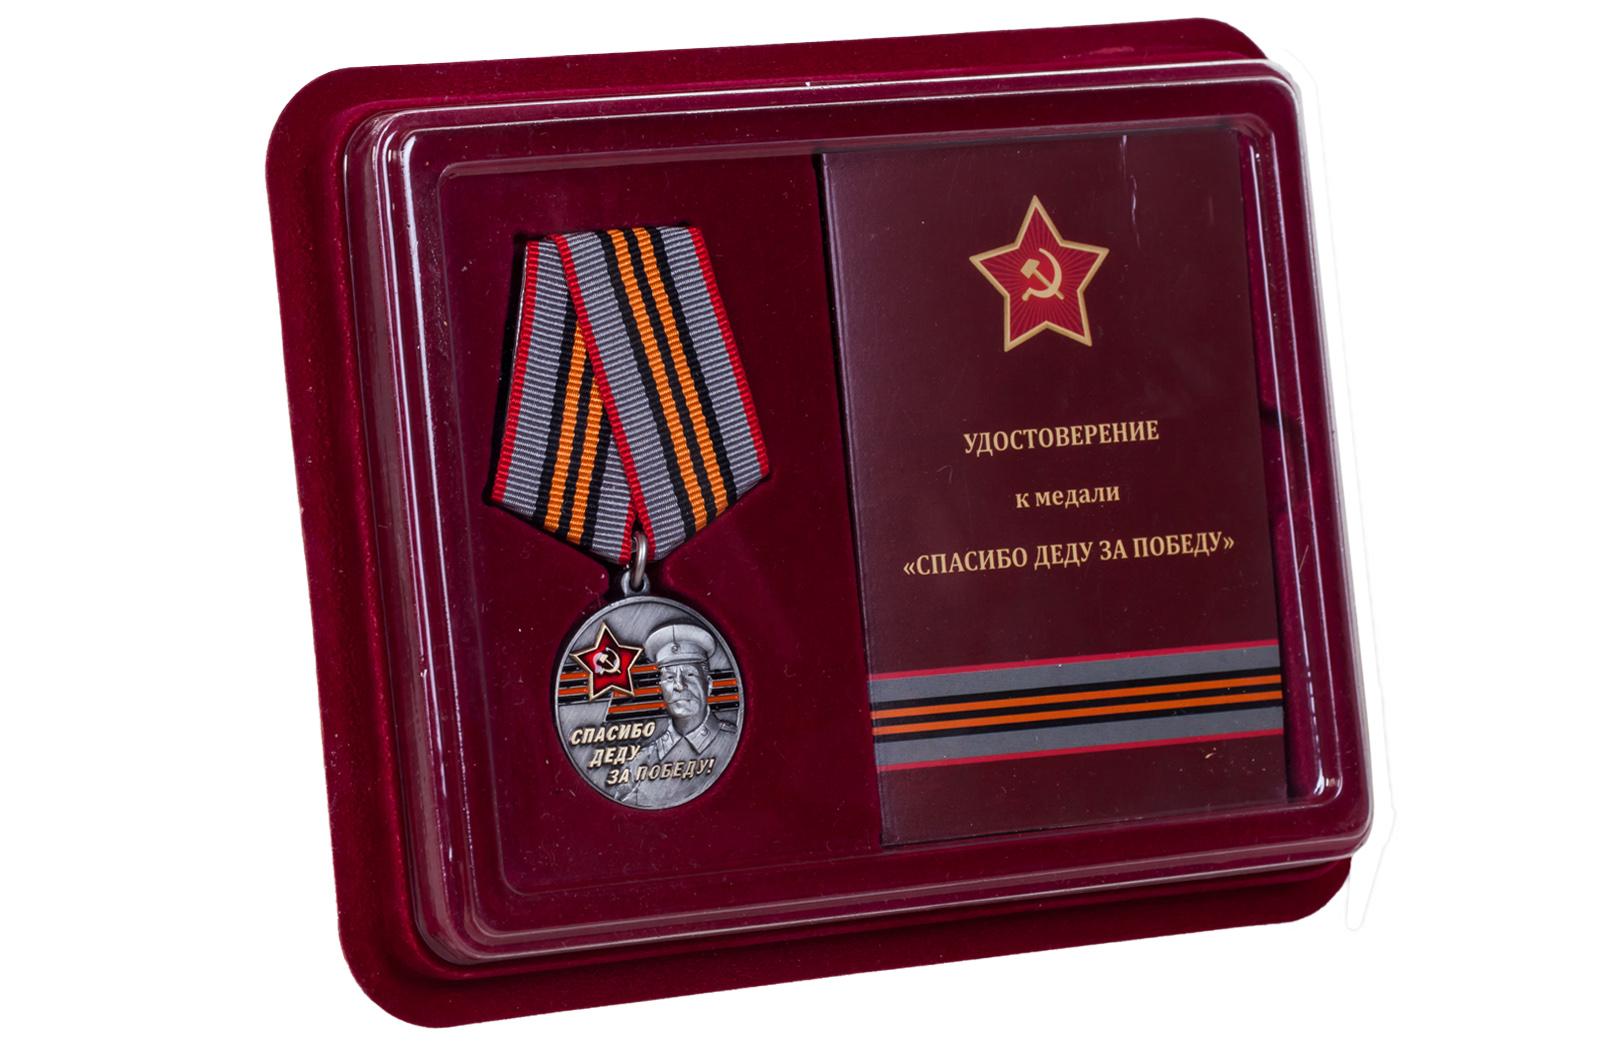 Купить латунную медаль к юбилею Победы в ВОВ За Родину! За Сталина! с доставкой в ваш город